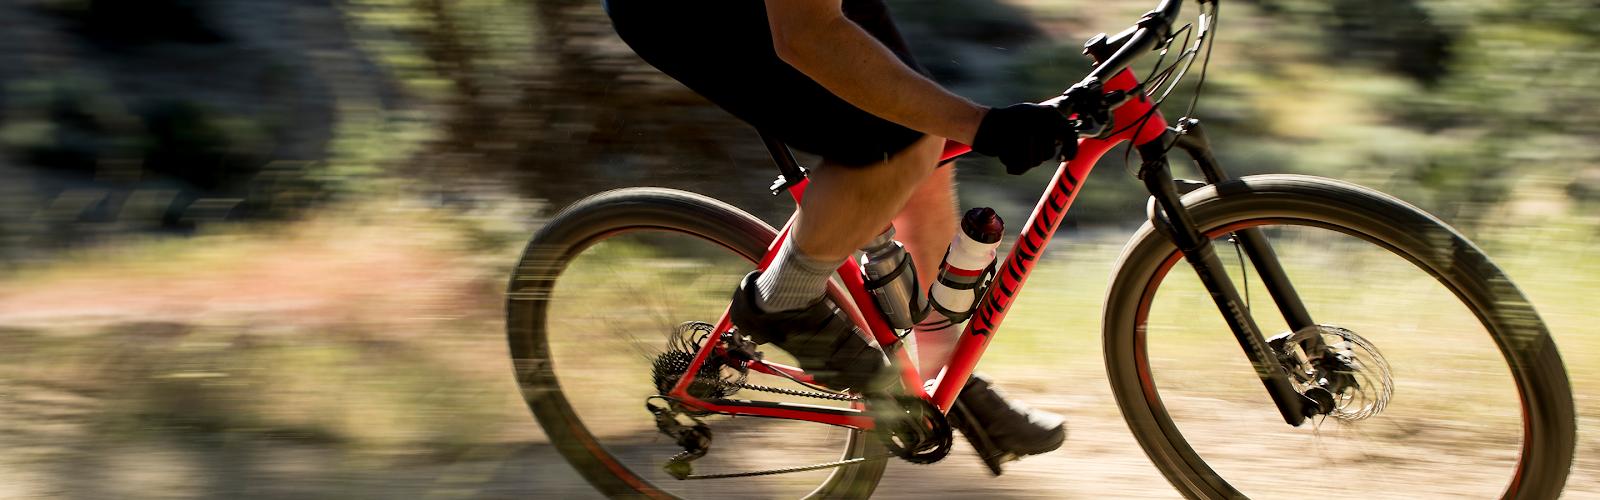 Особенности покупки и преимущество велосипедов Specialized